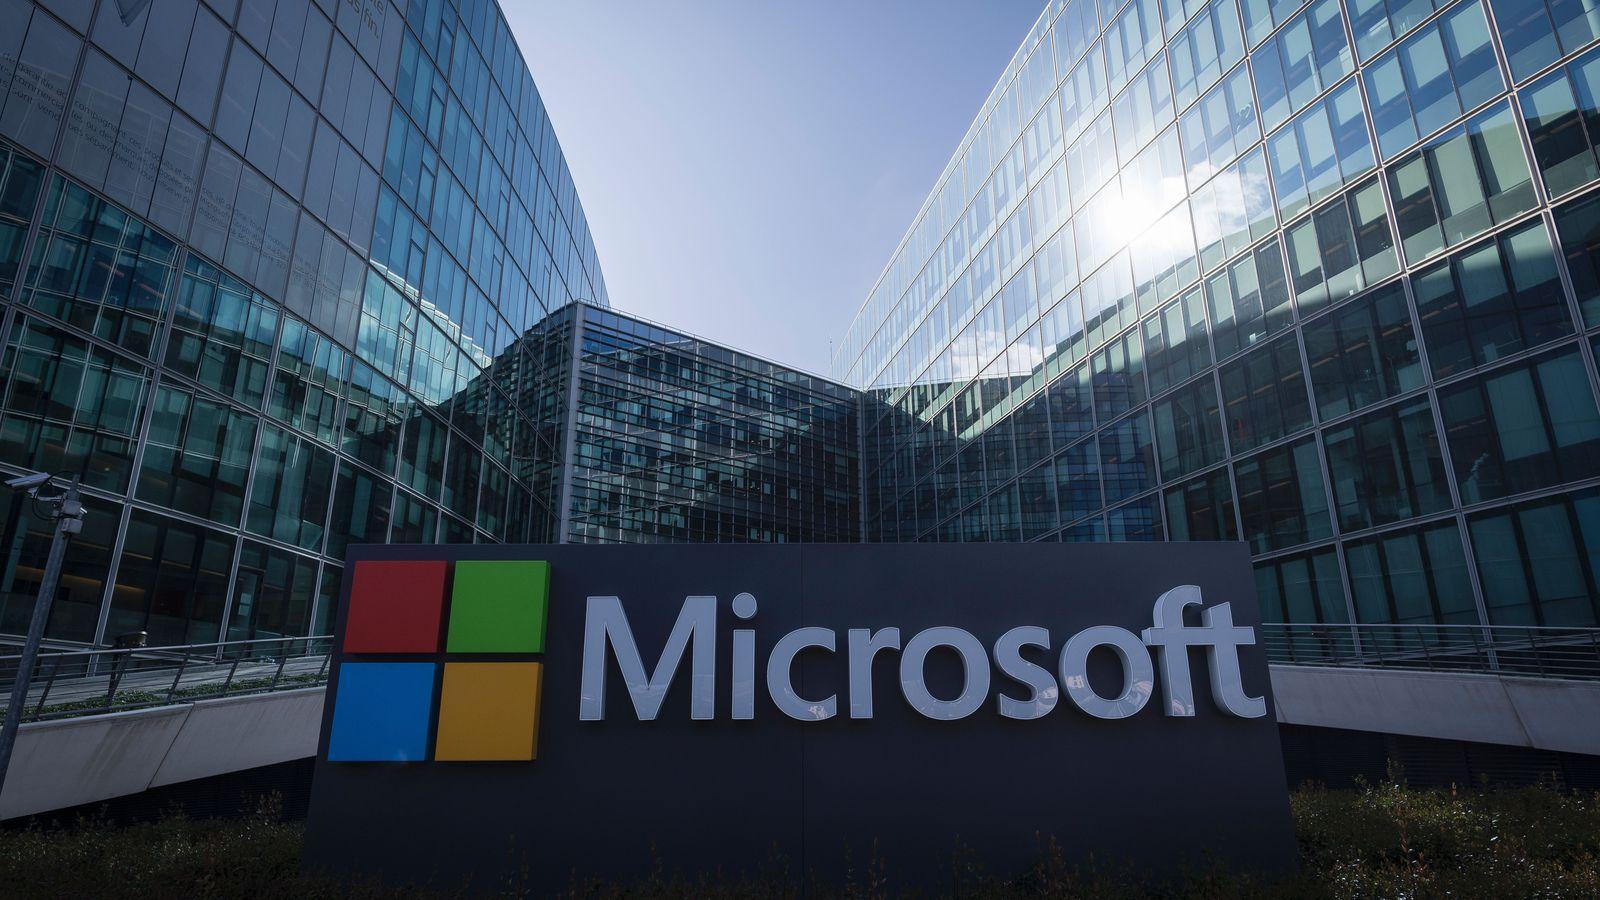 微软市值十七年之后再破6000亿美元 排名全球第3